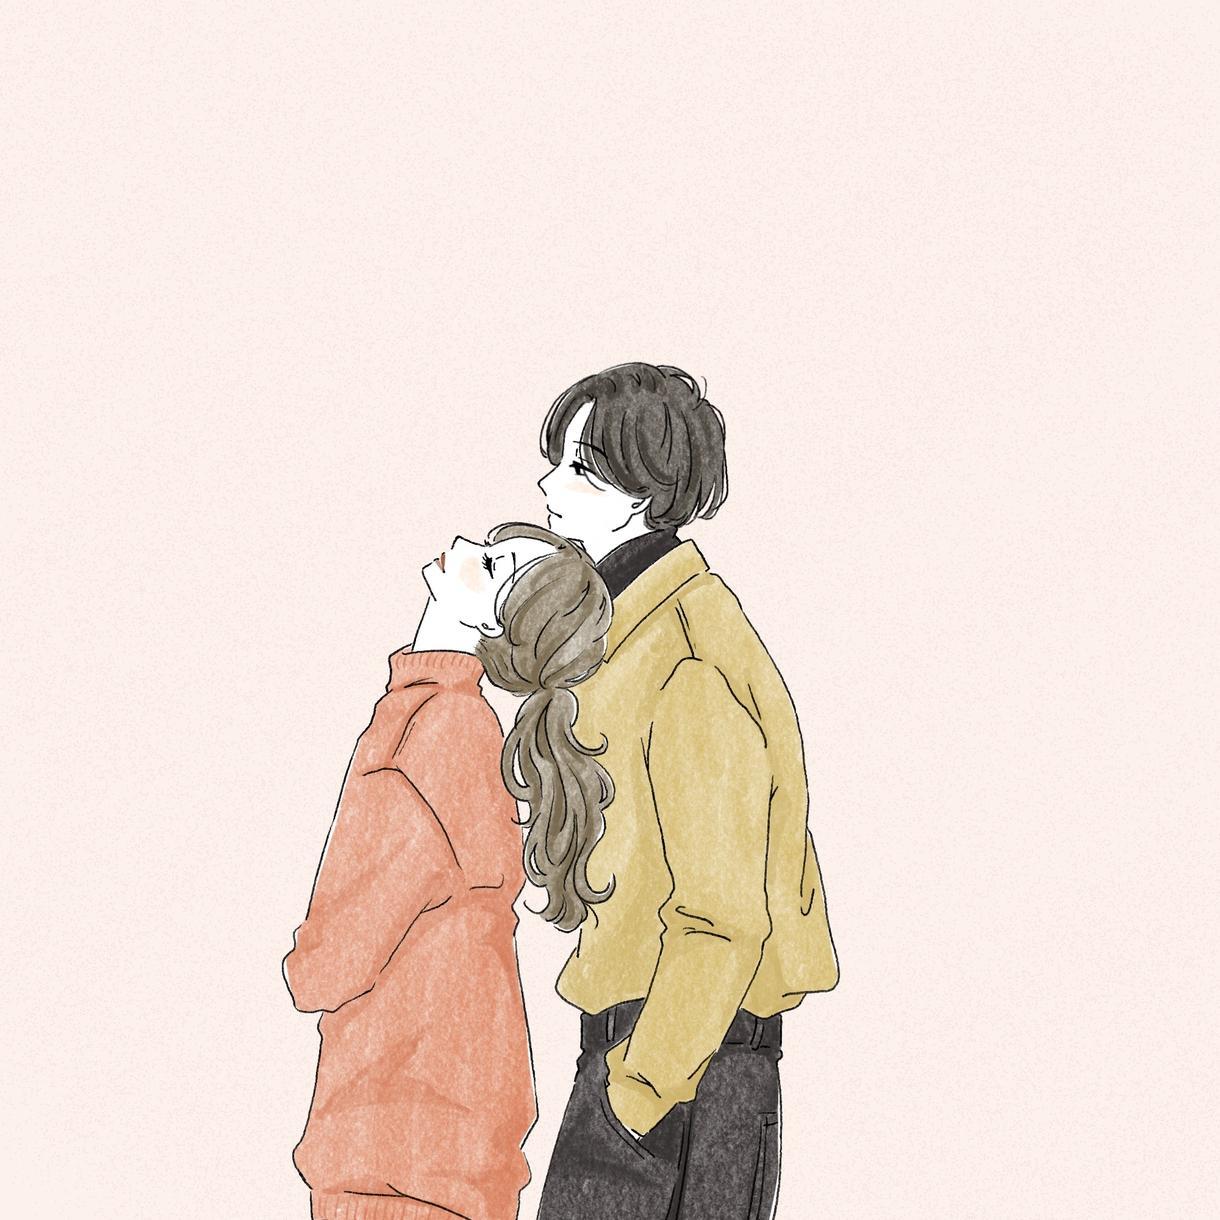 カップルイラスト描きます 日常風のものから、記念のシンプルなカップルの絵まで描きます。 イメージ1